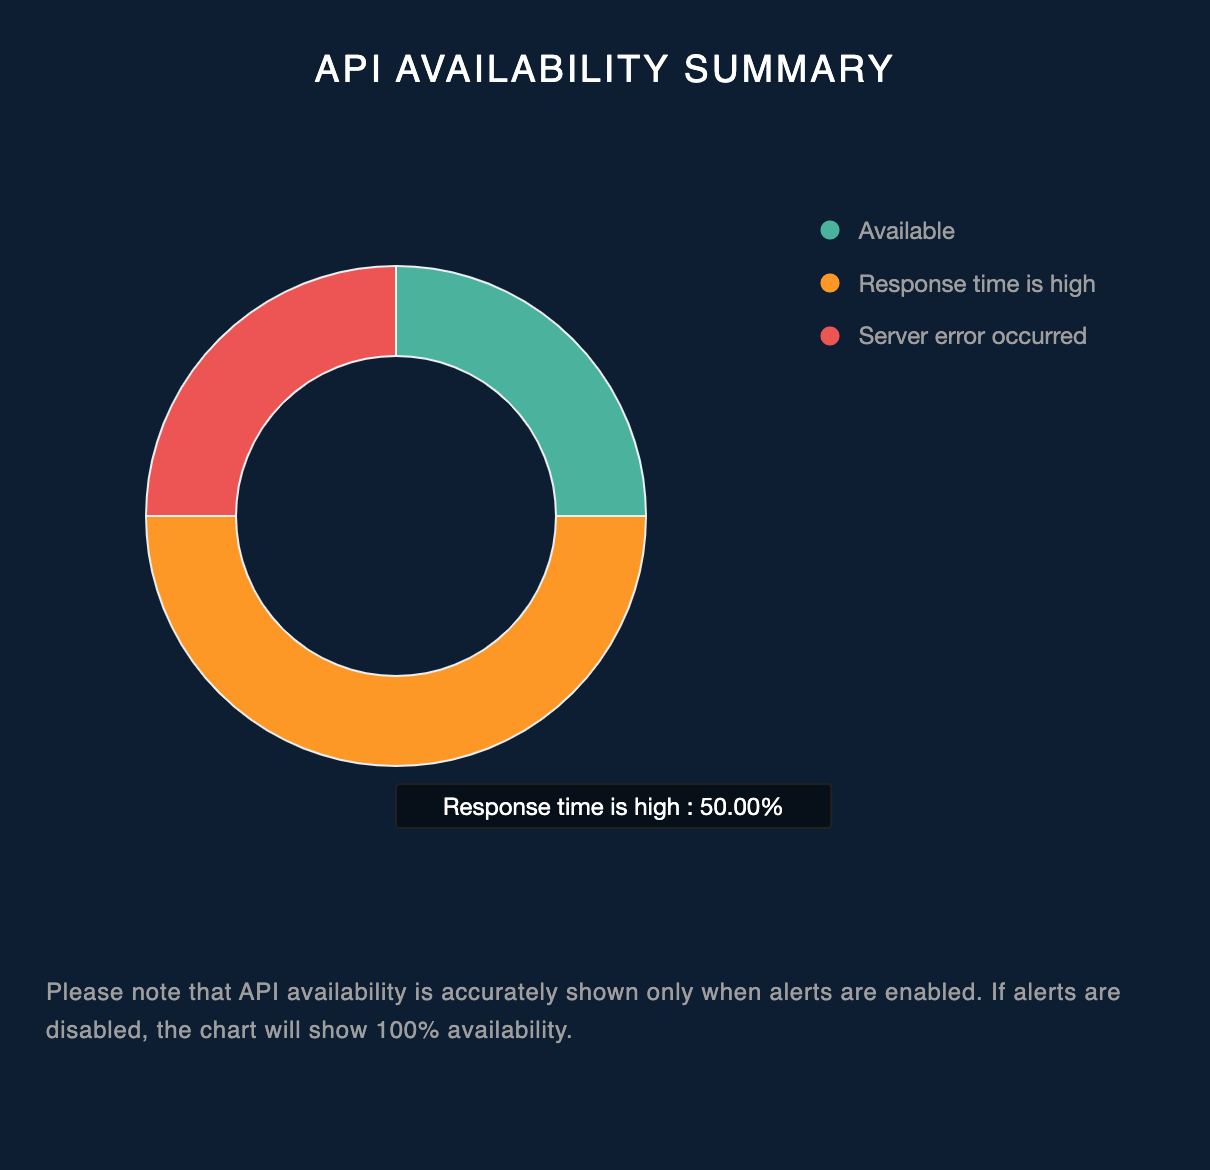 API availability summary